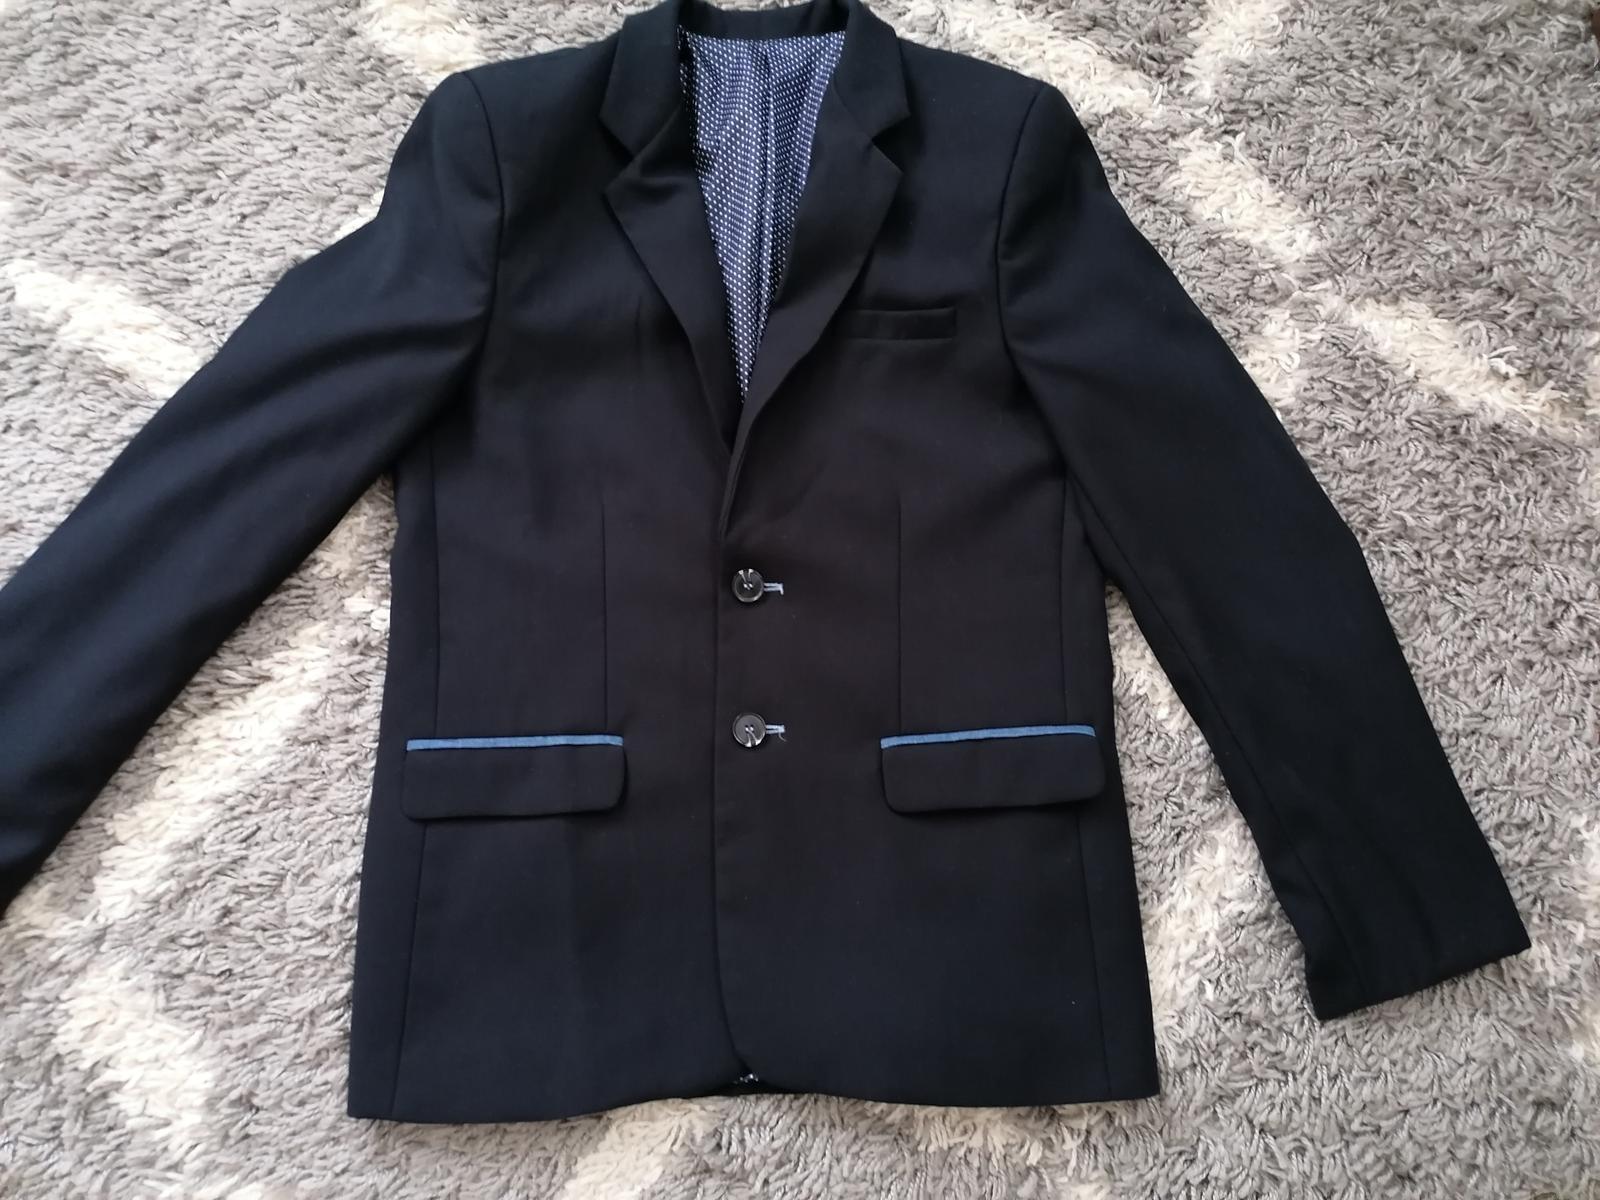 Tmavomodrý oblek  - Obrázok č. 3